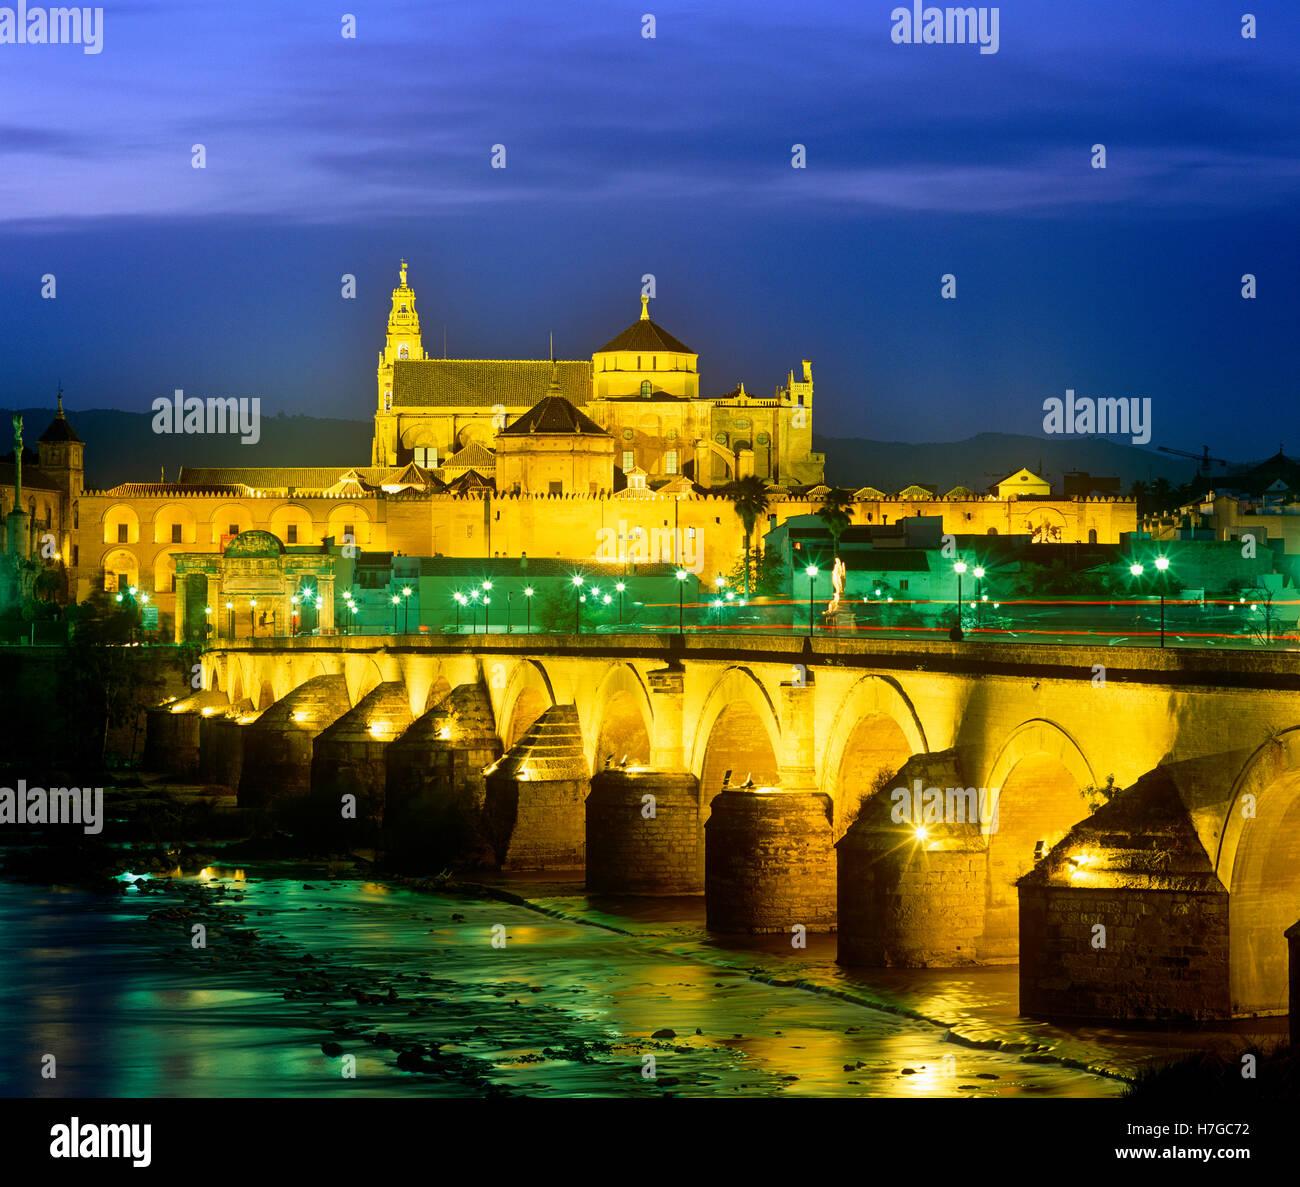 La Catedral y el Puente Romano que está iluminado en la noche, Córdoba, Anadalucia, España Imagen De Stock